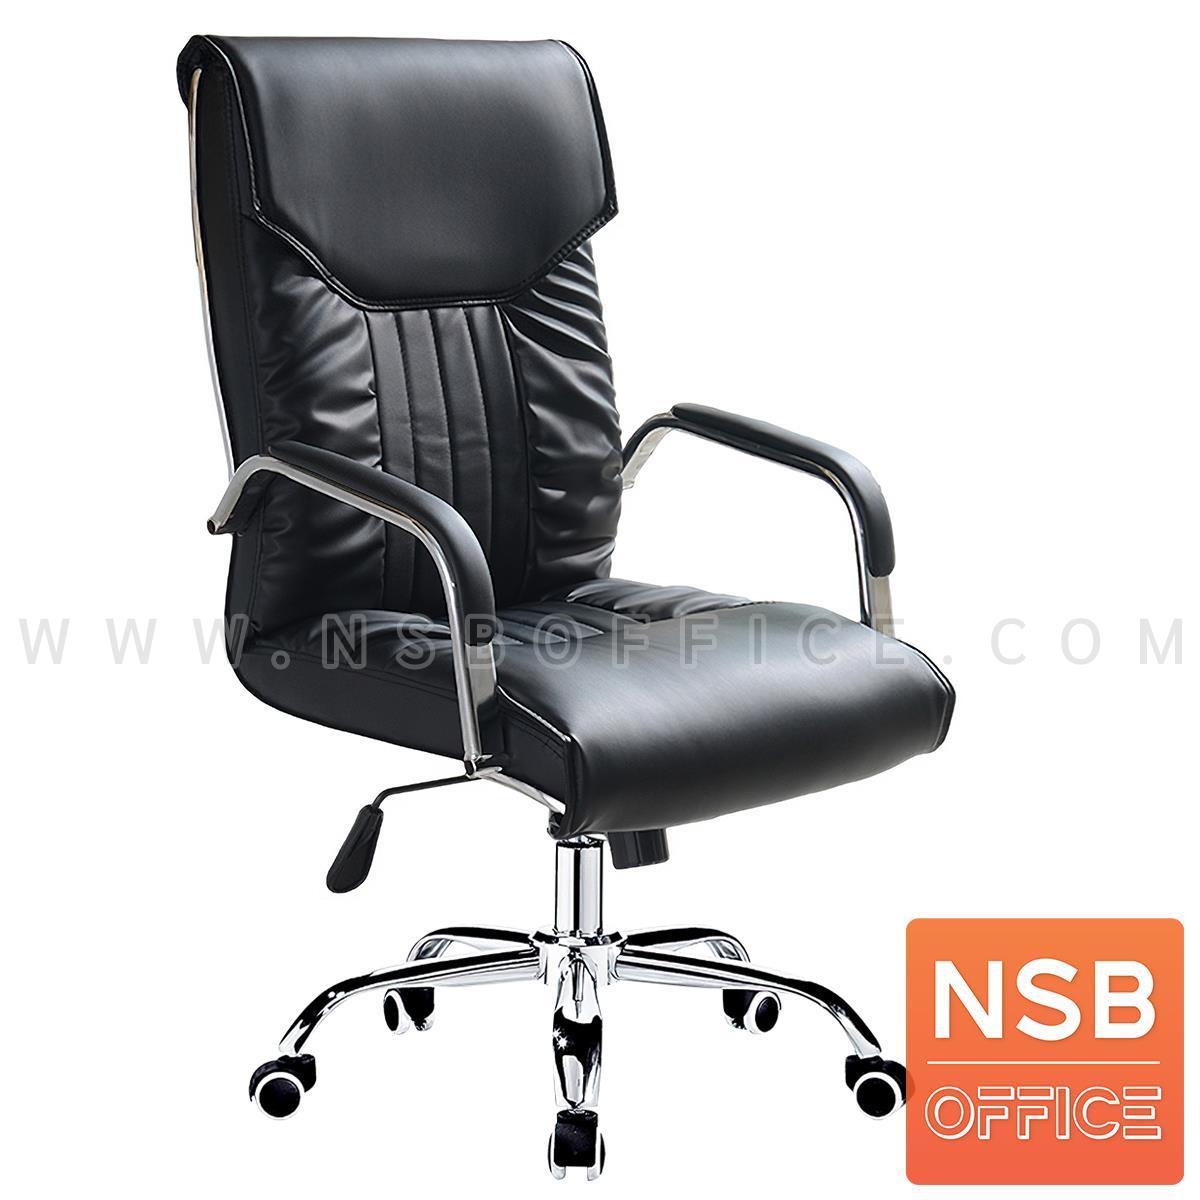 B01A484:เก้าอี้ผู้บริหาร รุ่น Caldwell (คาลด์เวลล์)  โช๊คแก๊ส ก้อนโยก ขาเหล็กชุบโครเมี่ยม